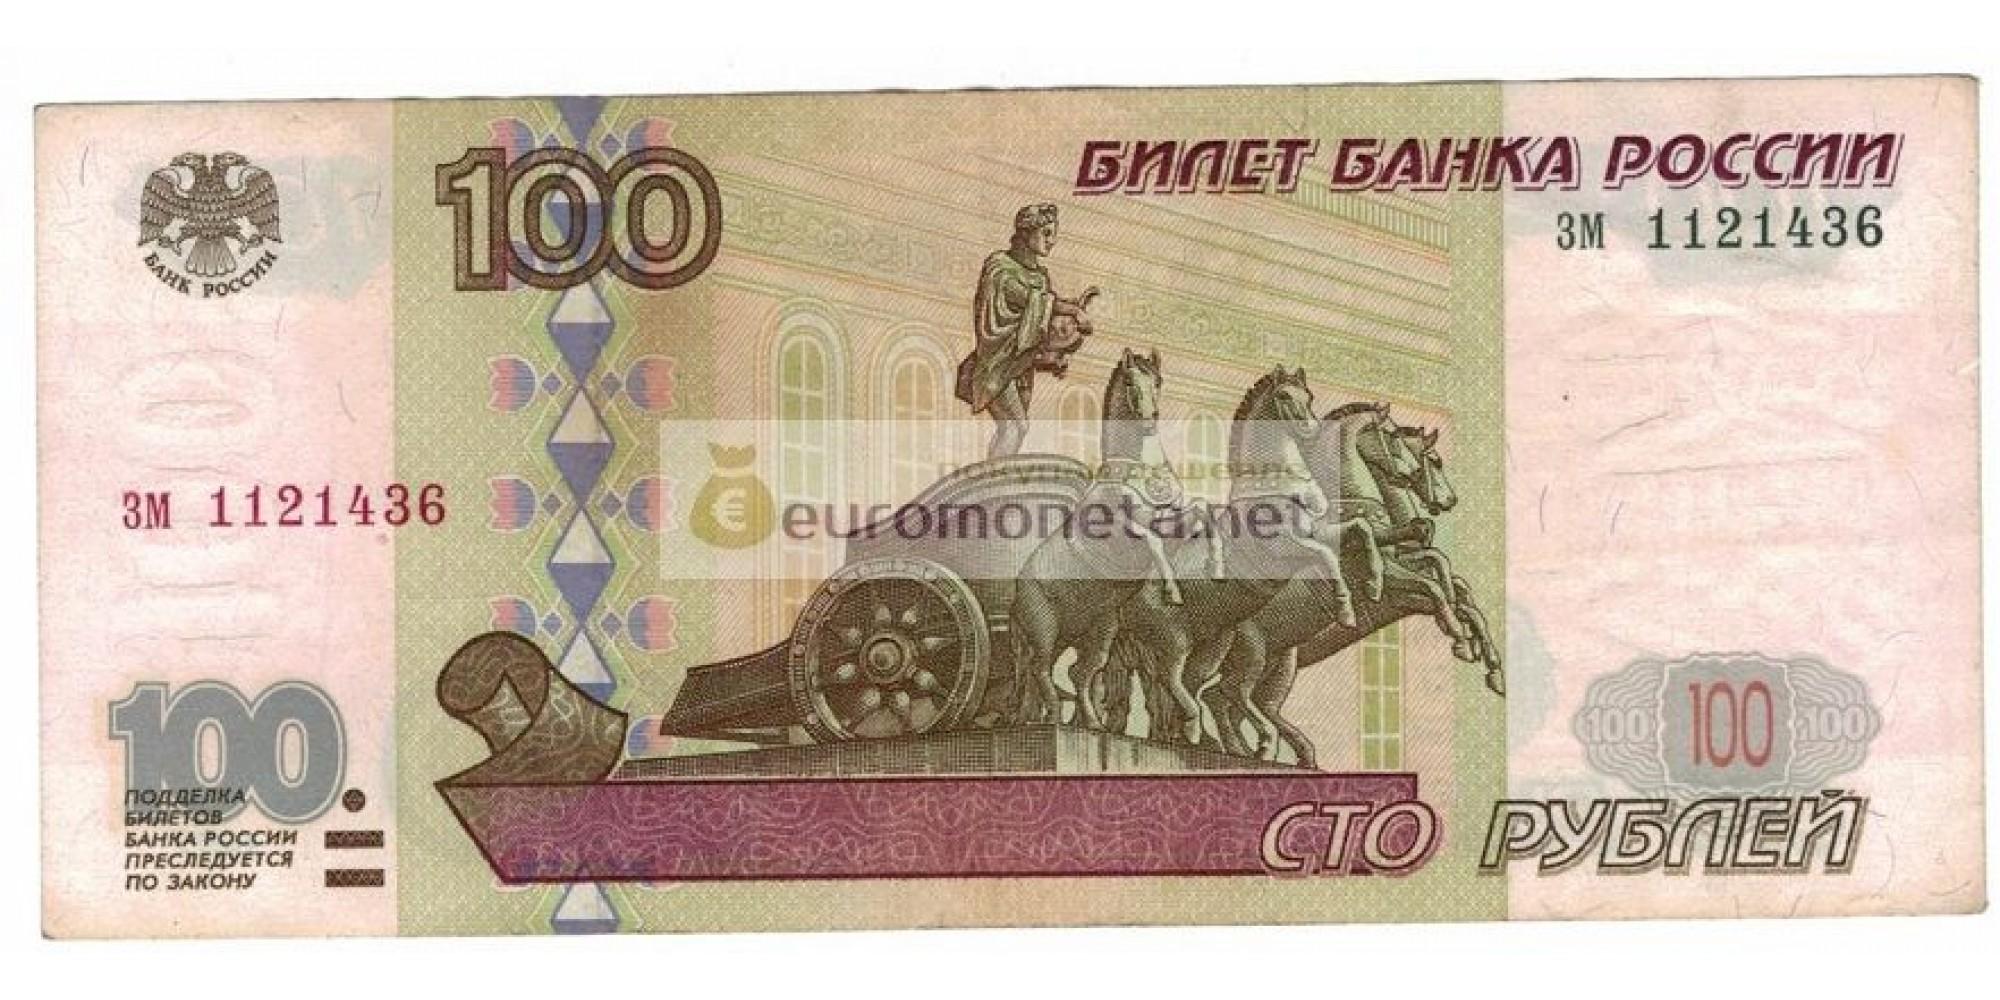 Россия 100 рублей 1997 год без модификации серия зм 1121436